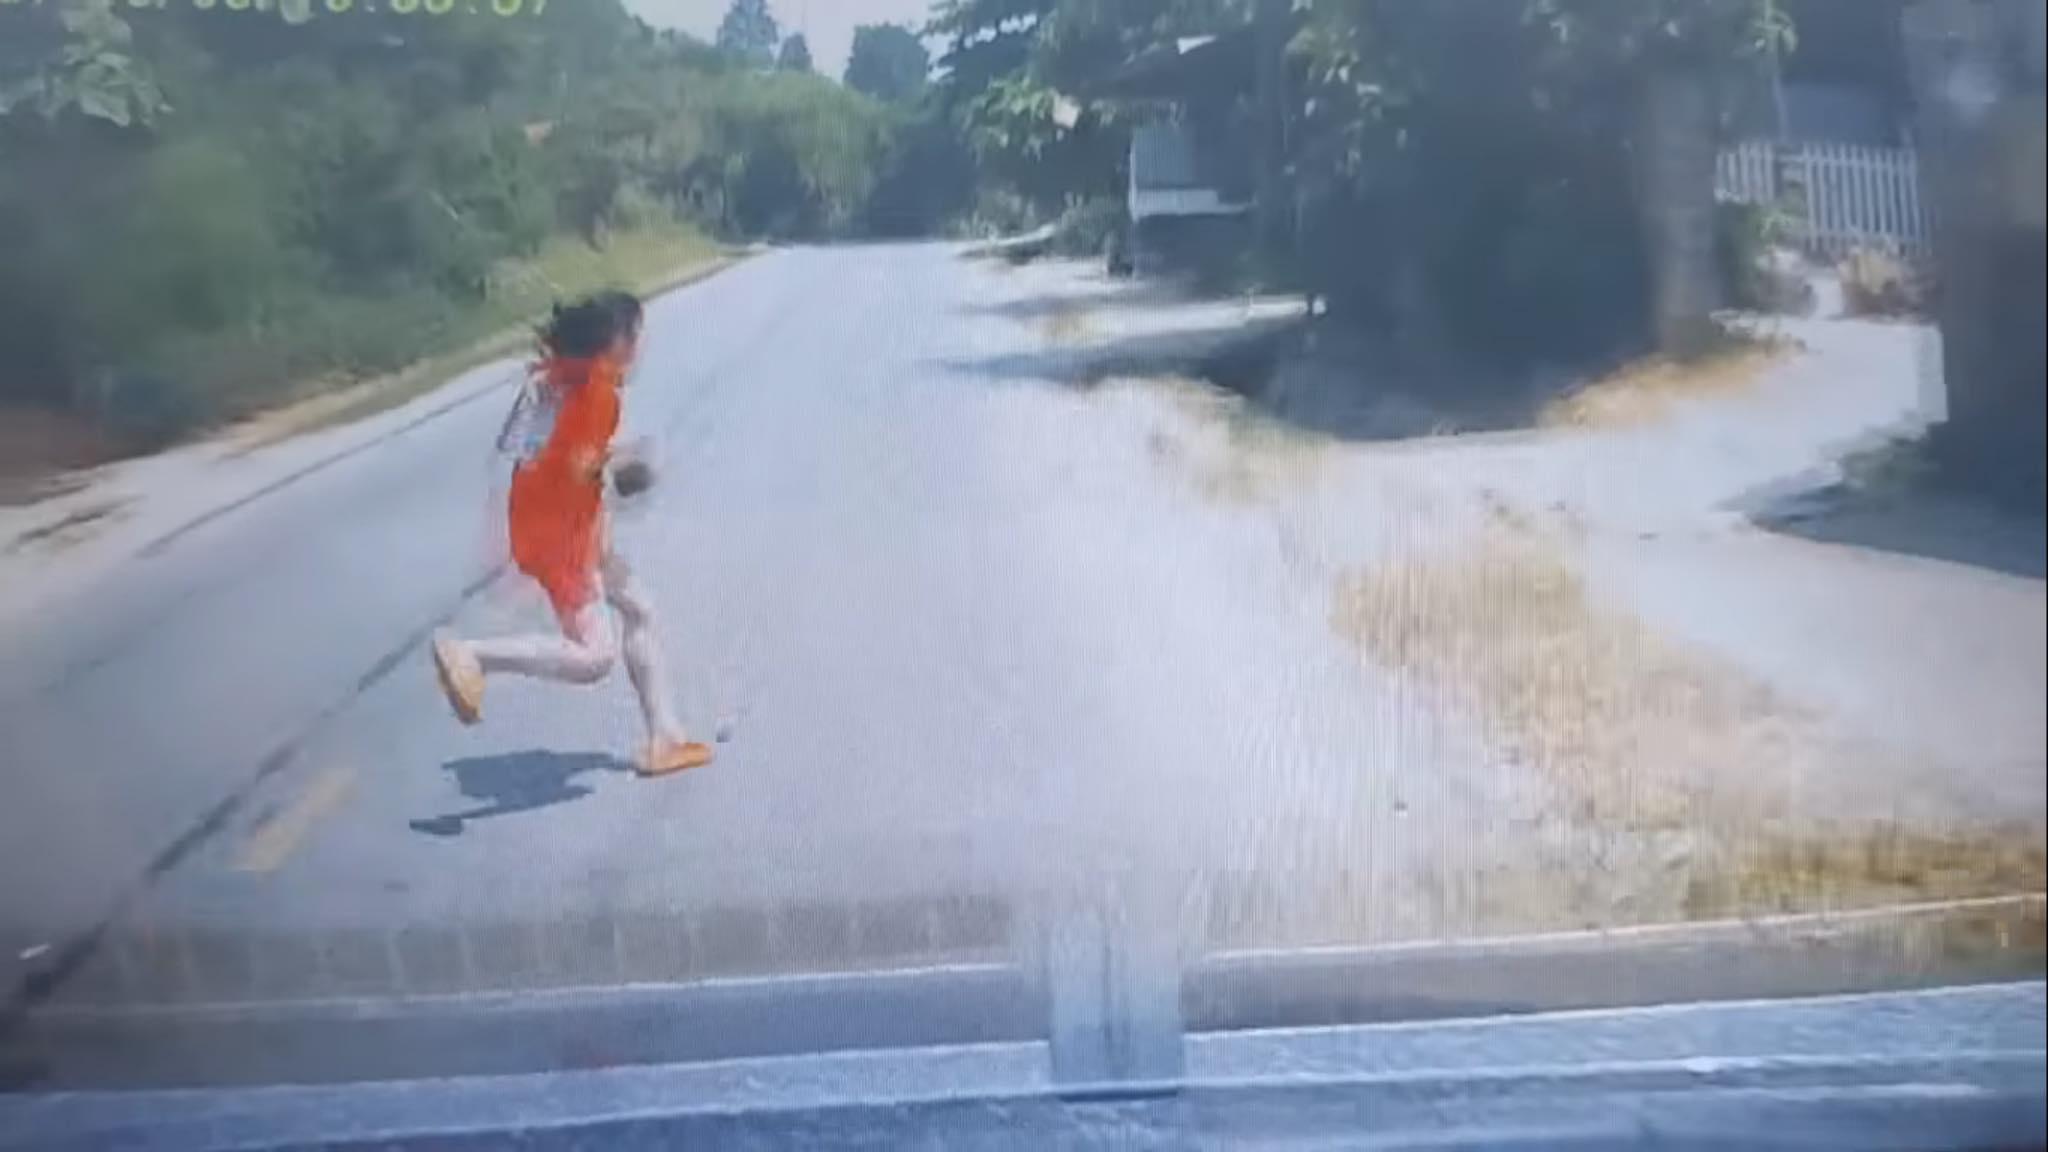 """Clip: Lao vút qua đường, bé gái thoát khỏi """"tử thần"""" nhờ tài xế đánh lái """"như chớp"""" - hình ảnh 1"""